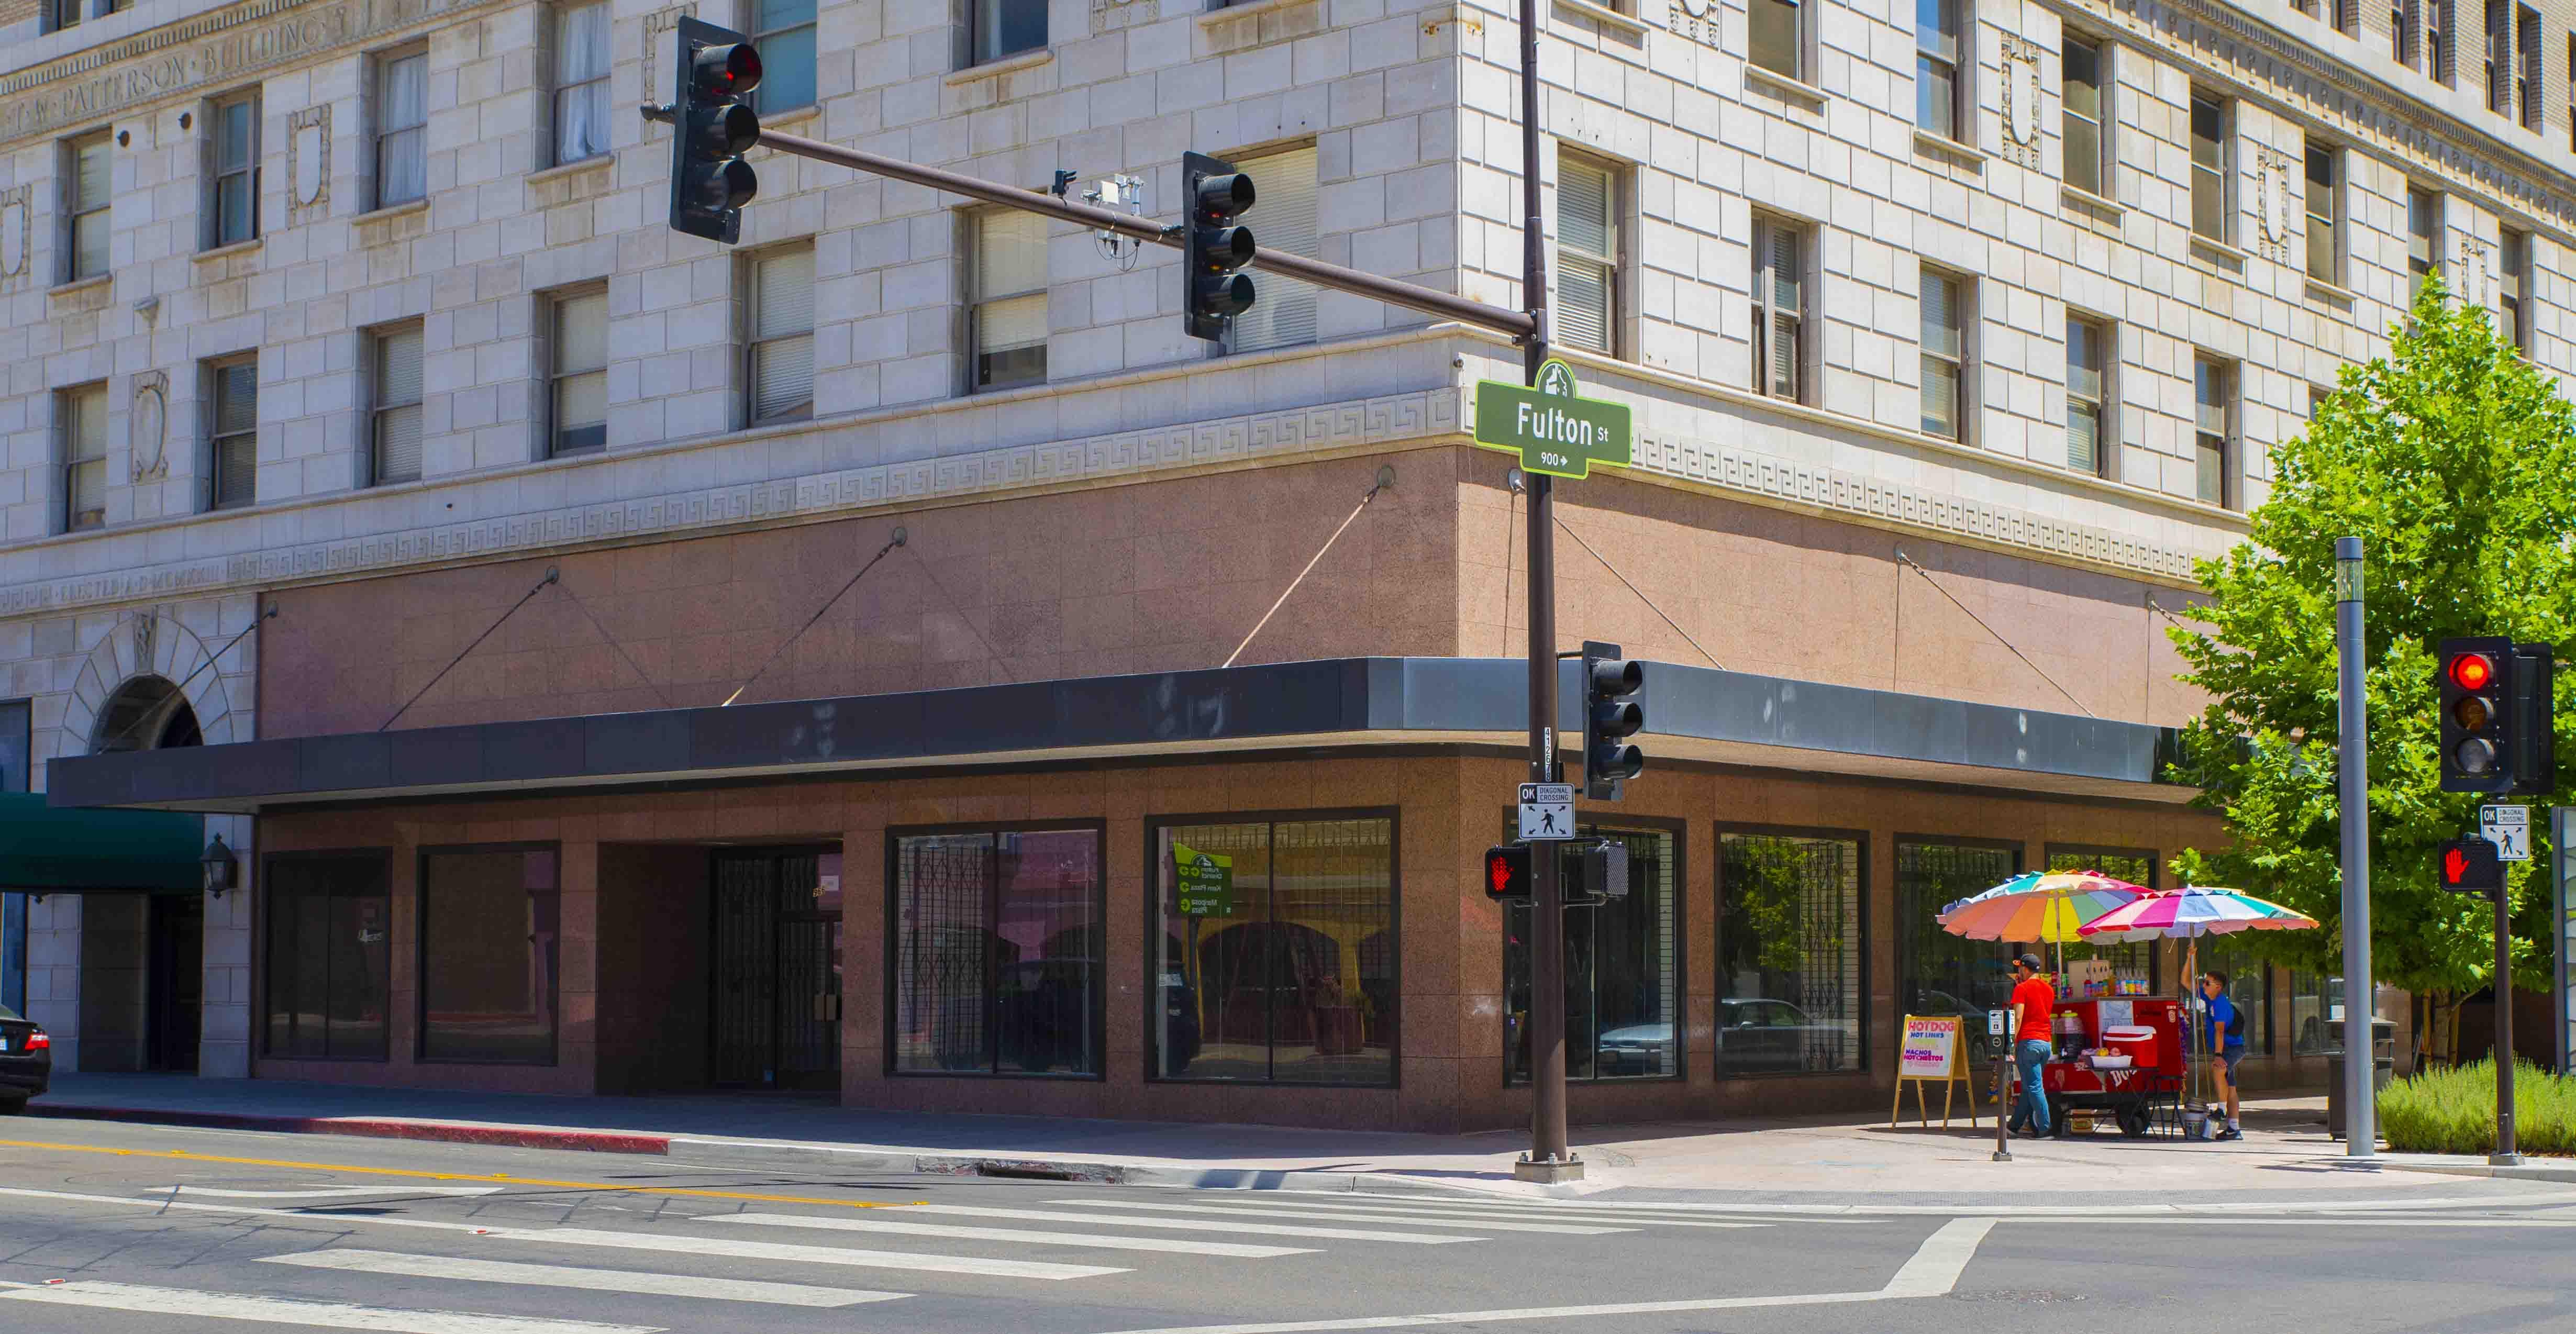 TW Patterson Building (966 Fulton St)